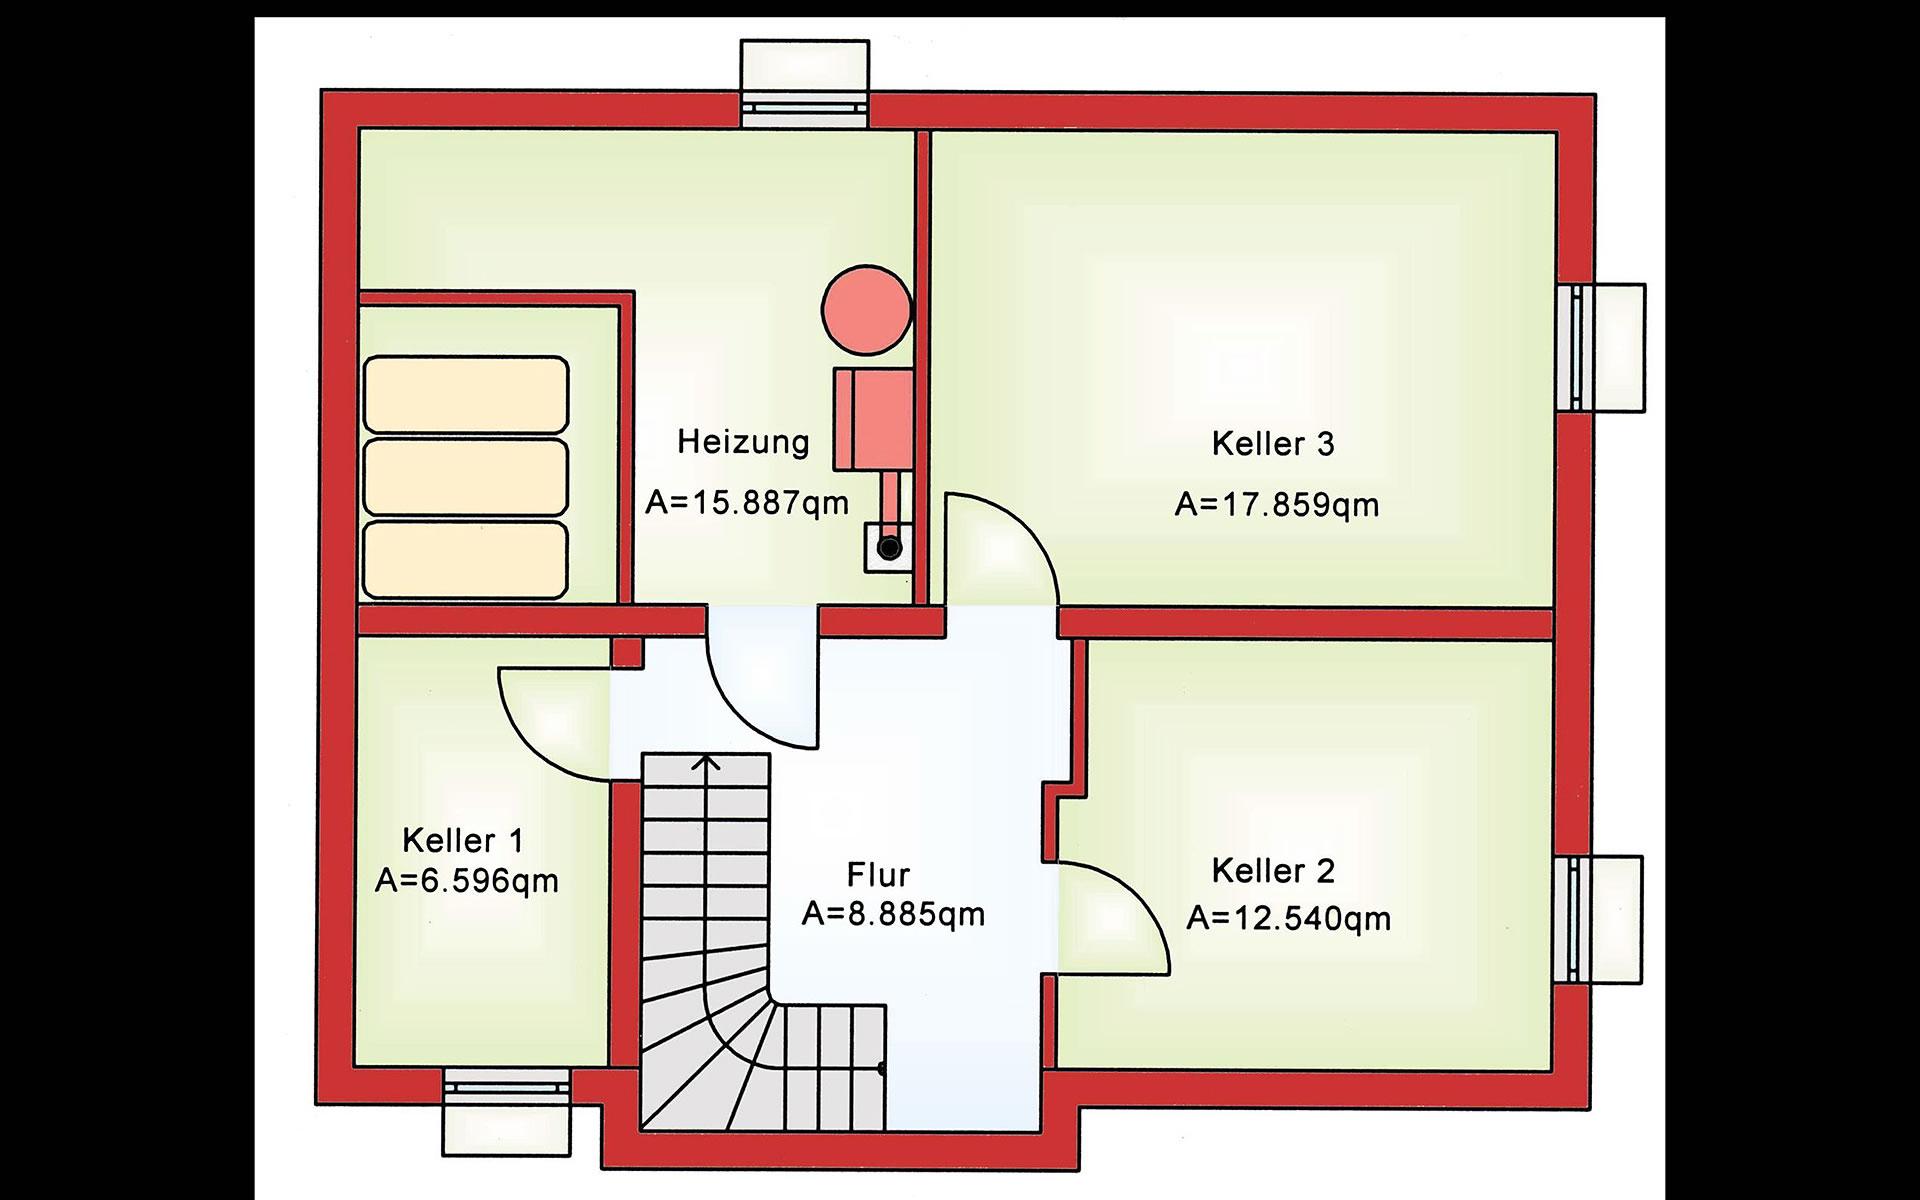 Keller Future BS 118 von B&S Selbstbausysteme GmbH & Co. KG